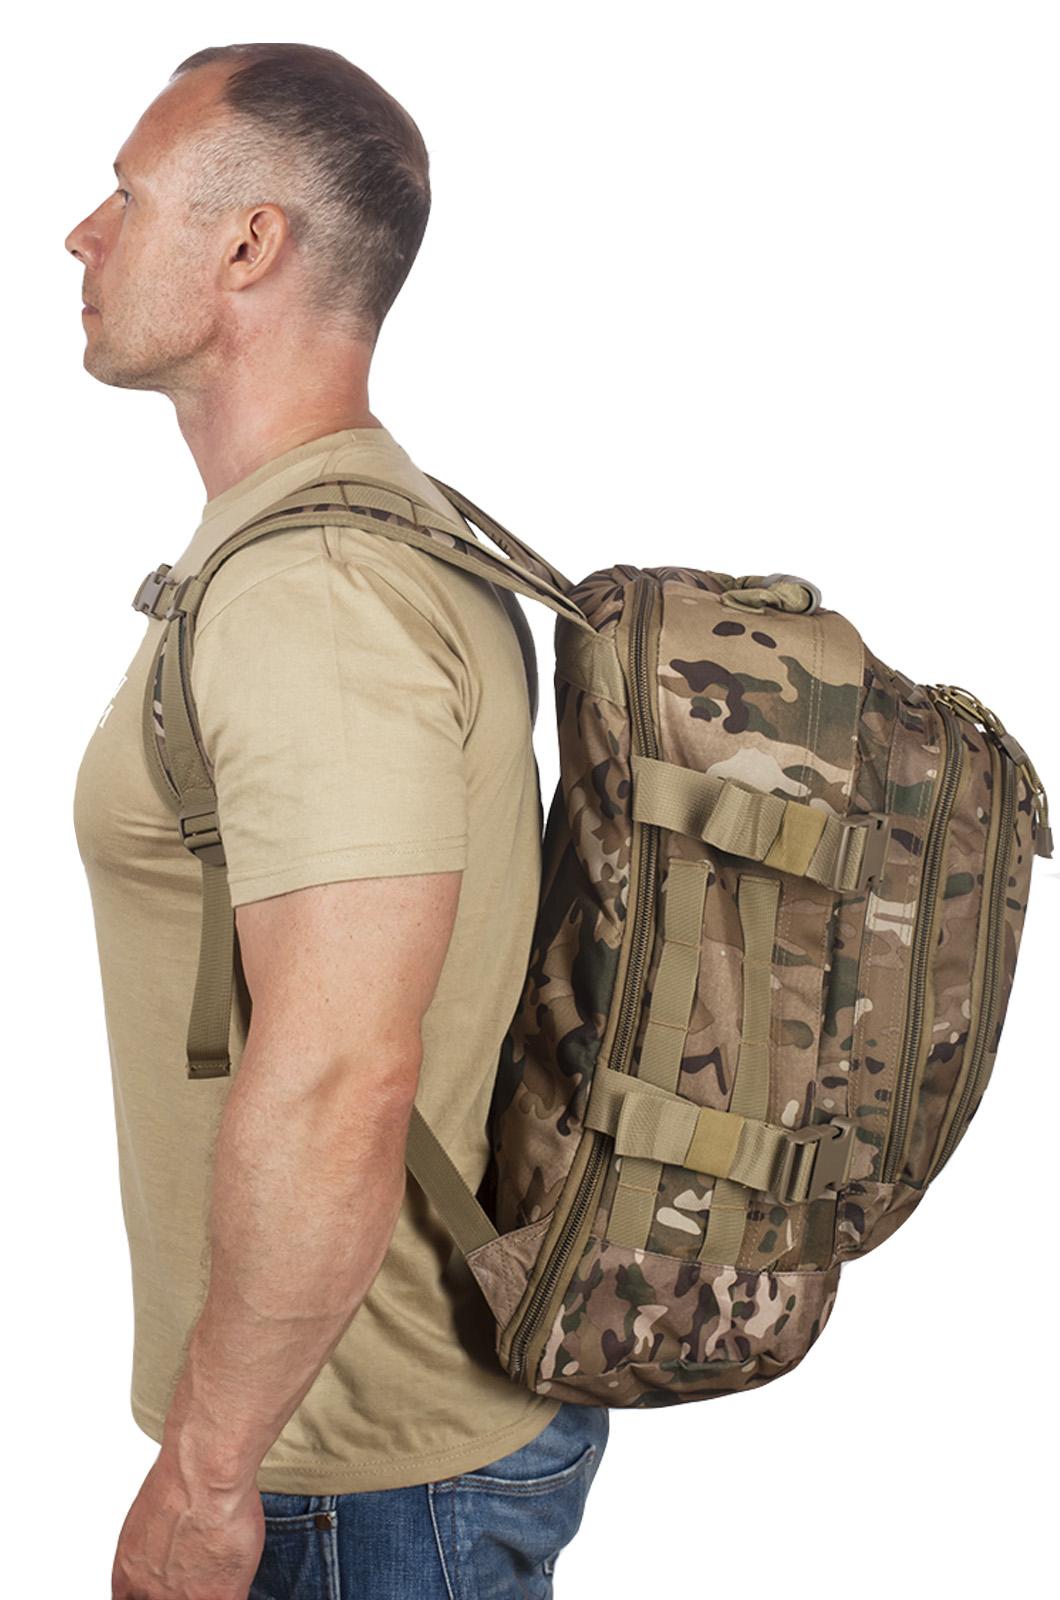 Зачетный трехдневный рюкзак с нашивкой Потомственный Казак - заказать самовывозом